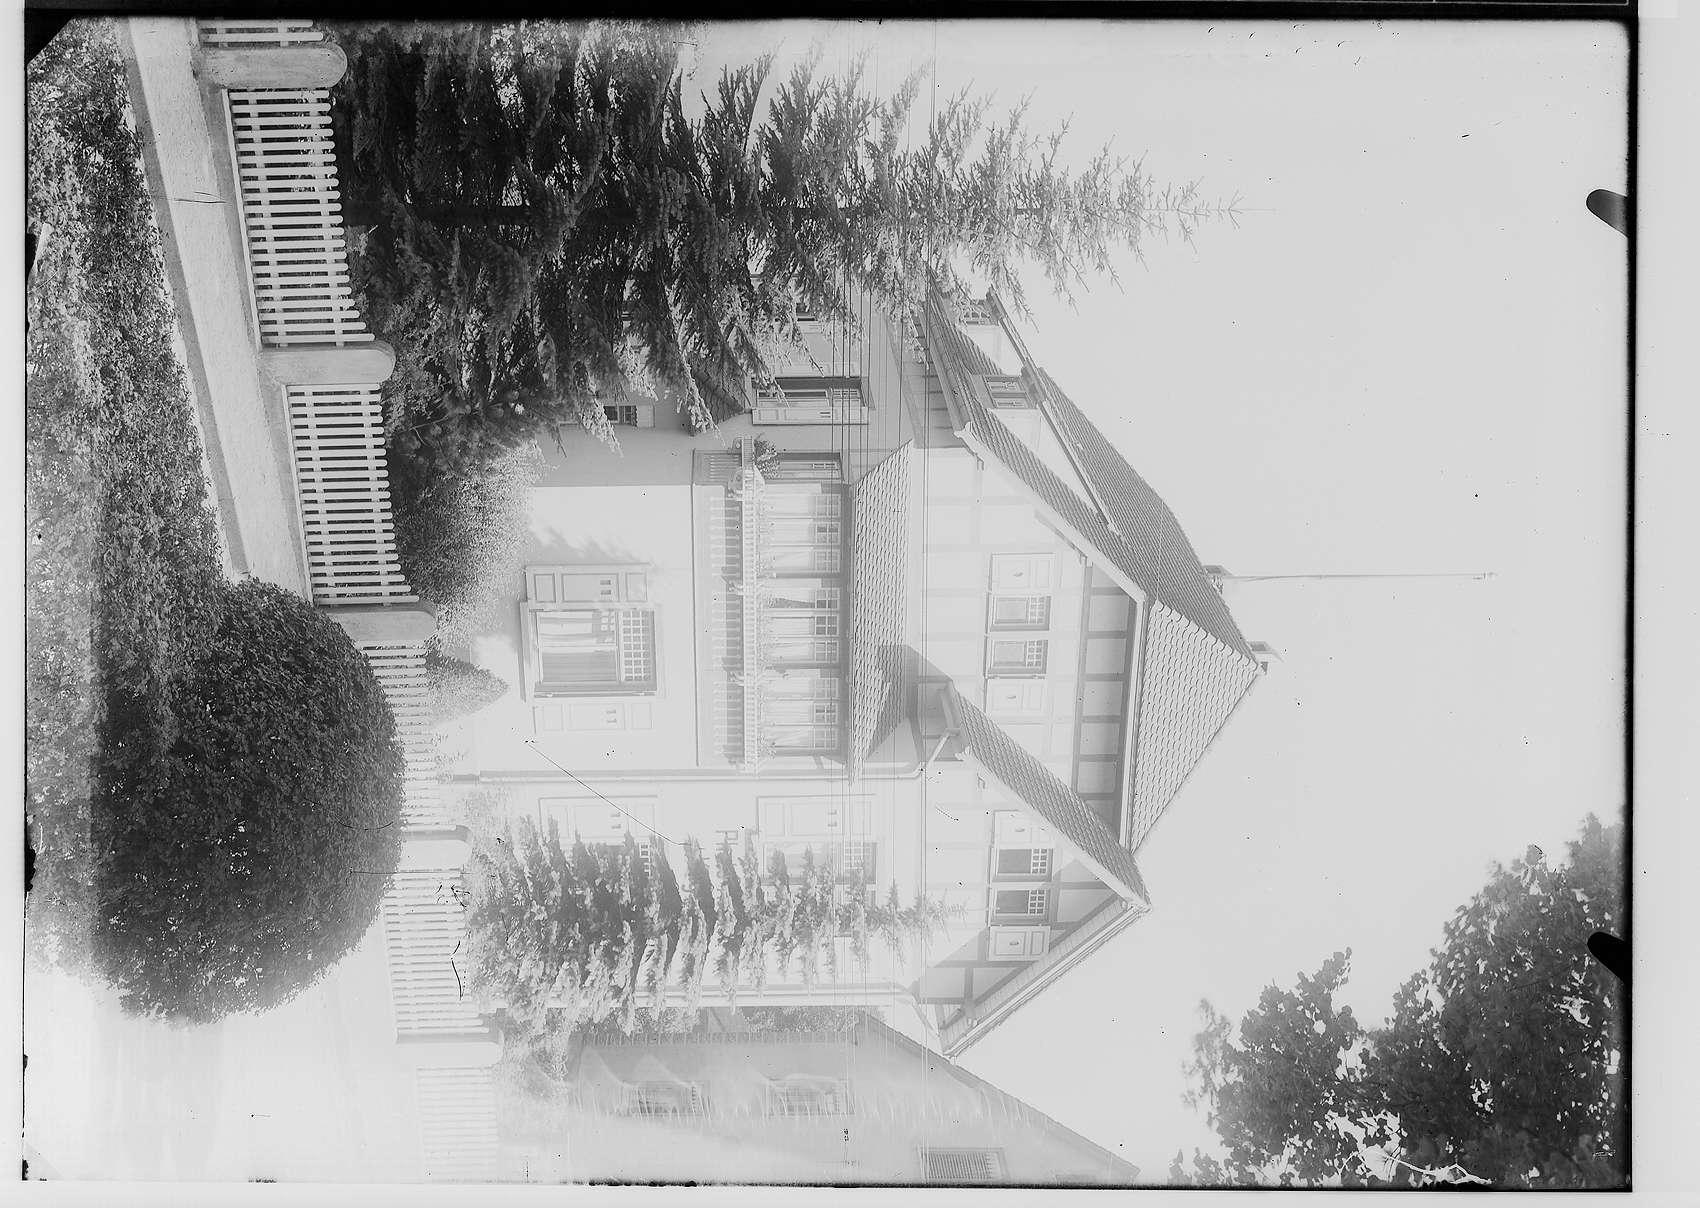 Haus Photoatelier Kugler, Bild 1